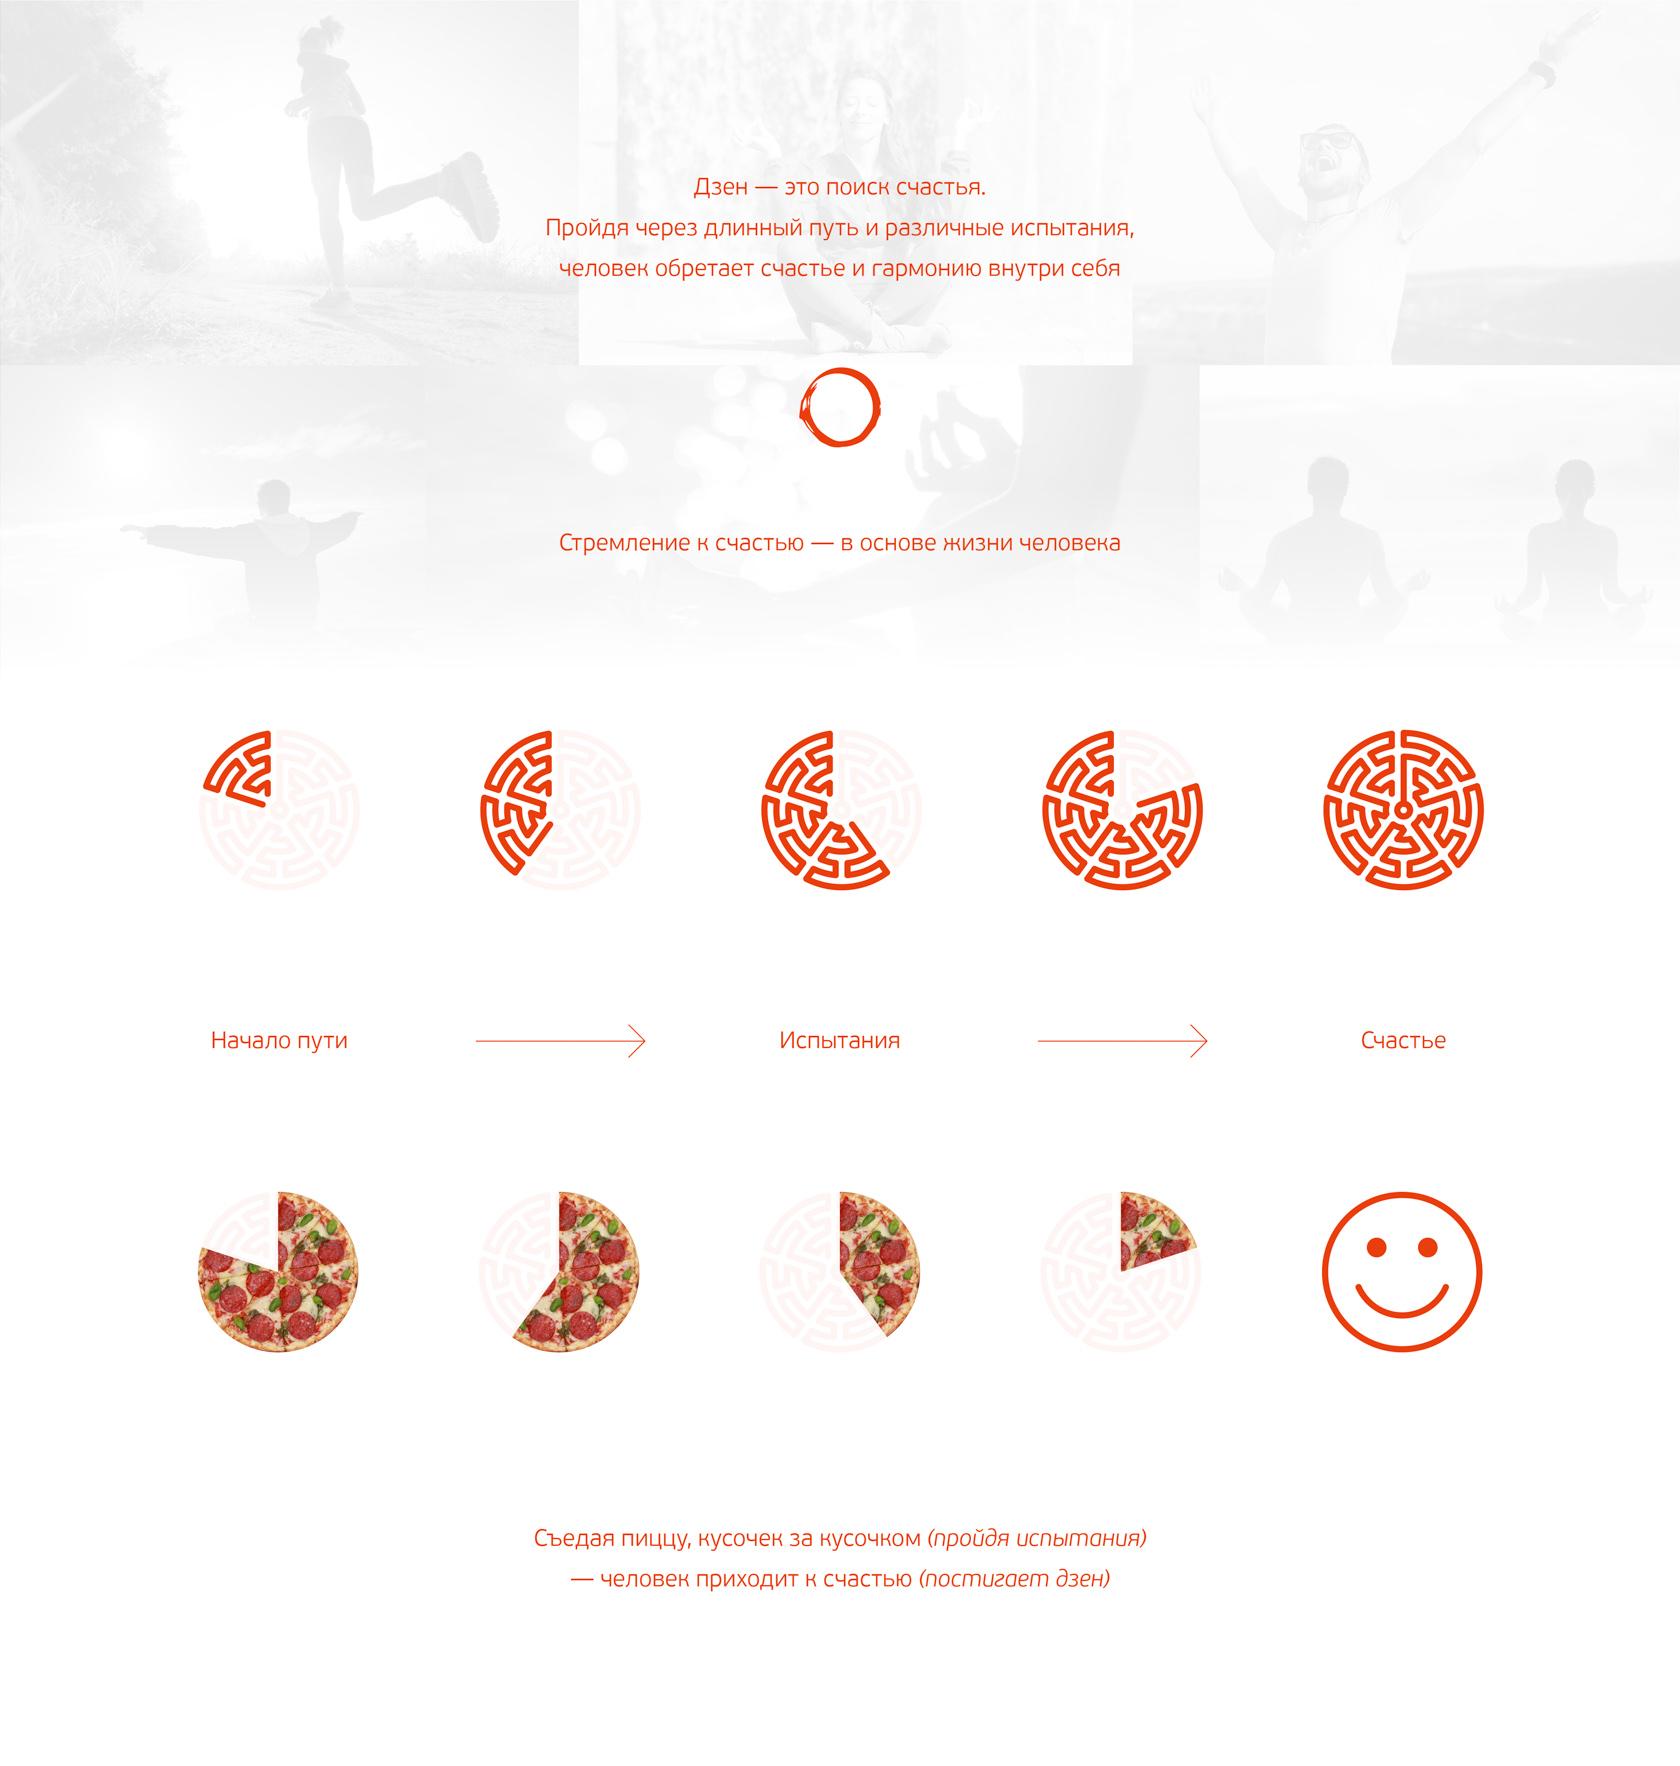 Концепция фирменного стиля, позиционирование, платформа бренда